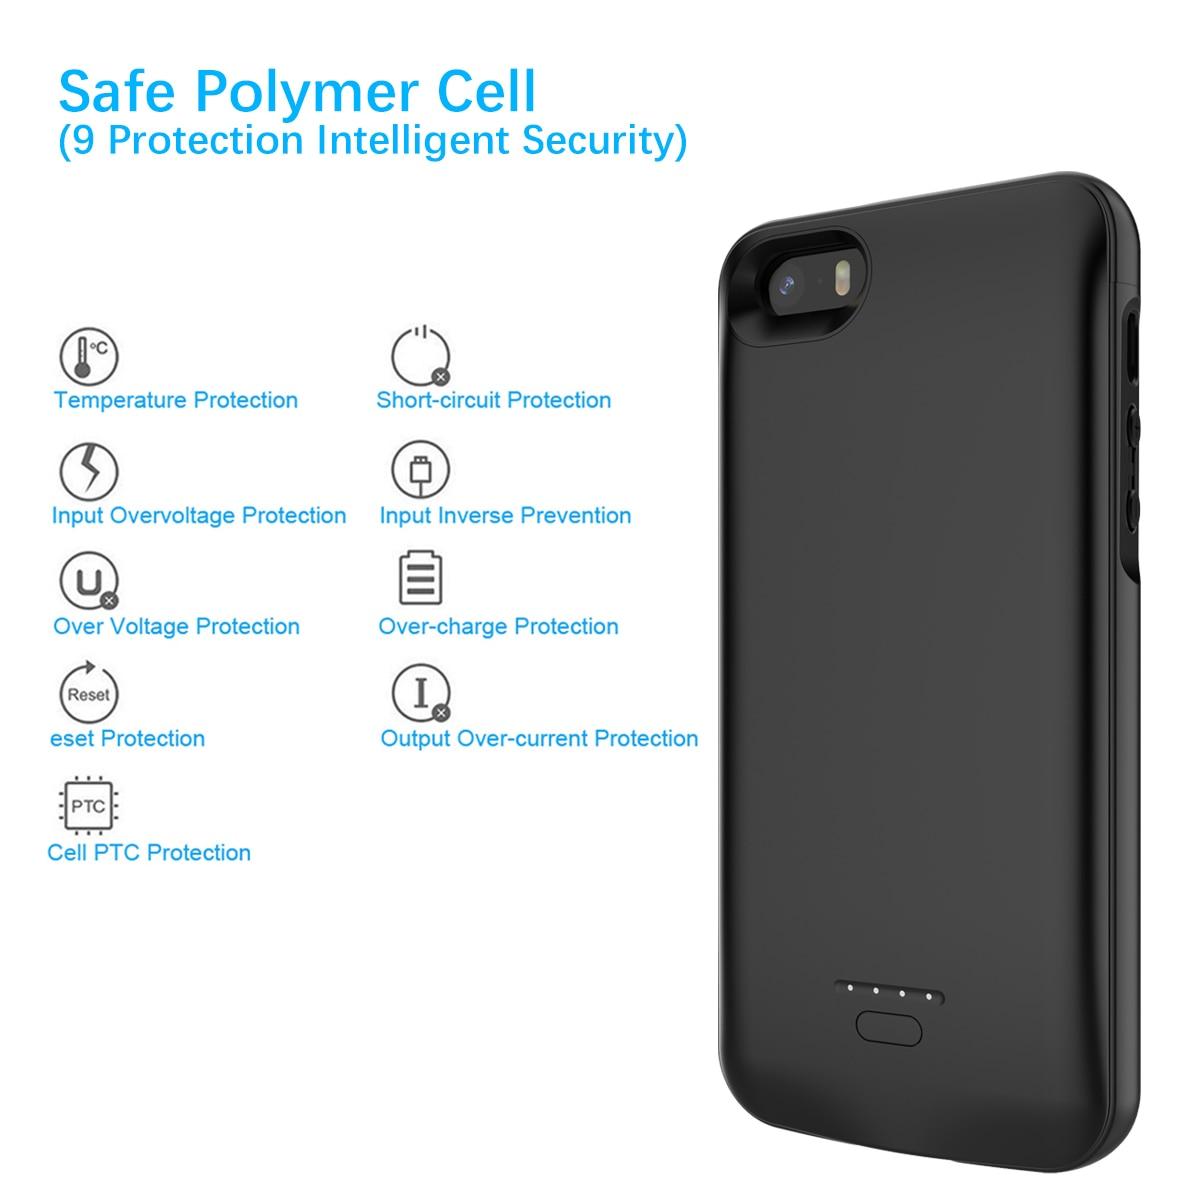 CASEWIN Batterie Ladegerät Fall Für iPhone SE 5SE 5 5 s 4000 mah Power Bank Lade Fall Power Ladegerät Fall für iPhone 5 fall